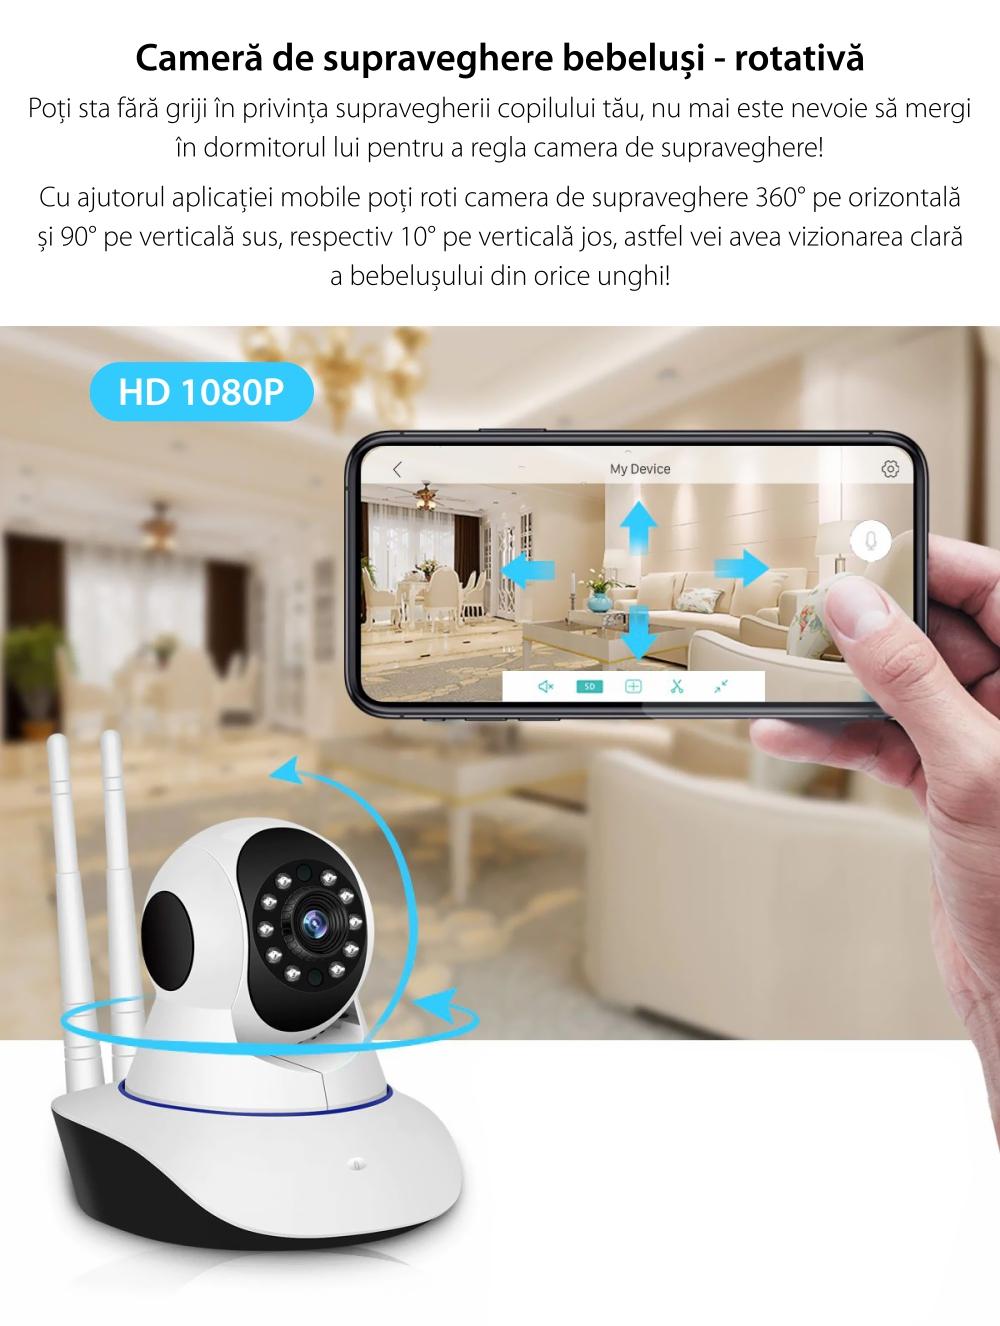 Baby Monitor Wireless BS-IP22L (BS-IP26L), Monitorizare Audio – Video, Comunicare bidirectionala, Night Vision, Senzor de miscare, Camera rotativa, Alarma, Control de pe telefonul mobil